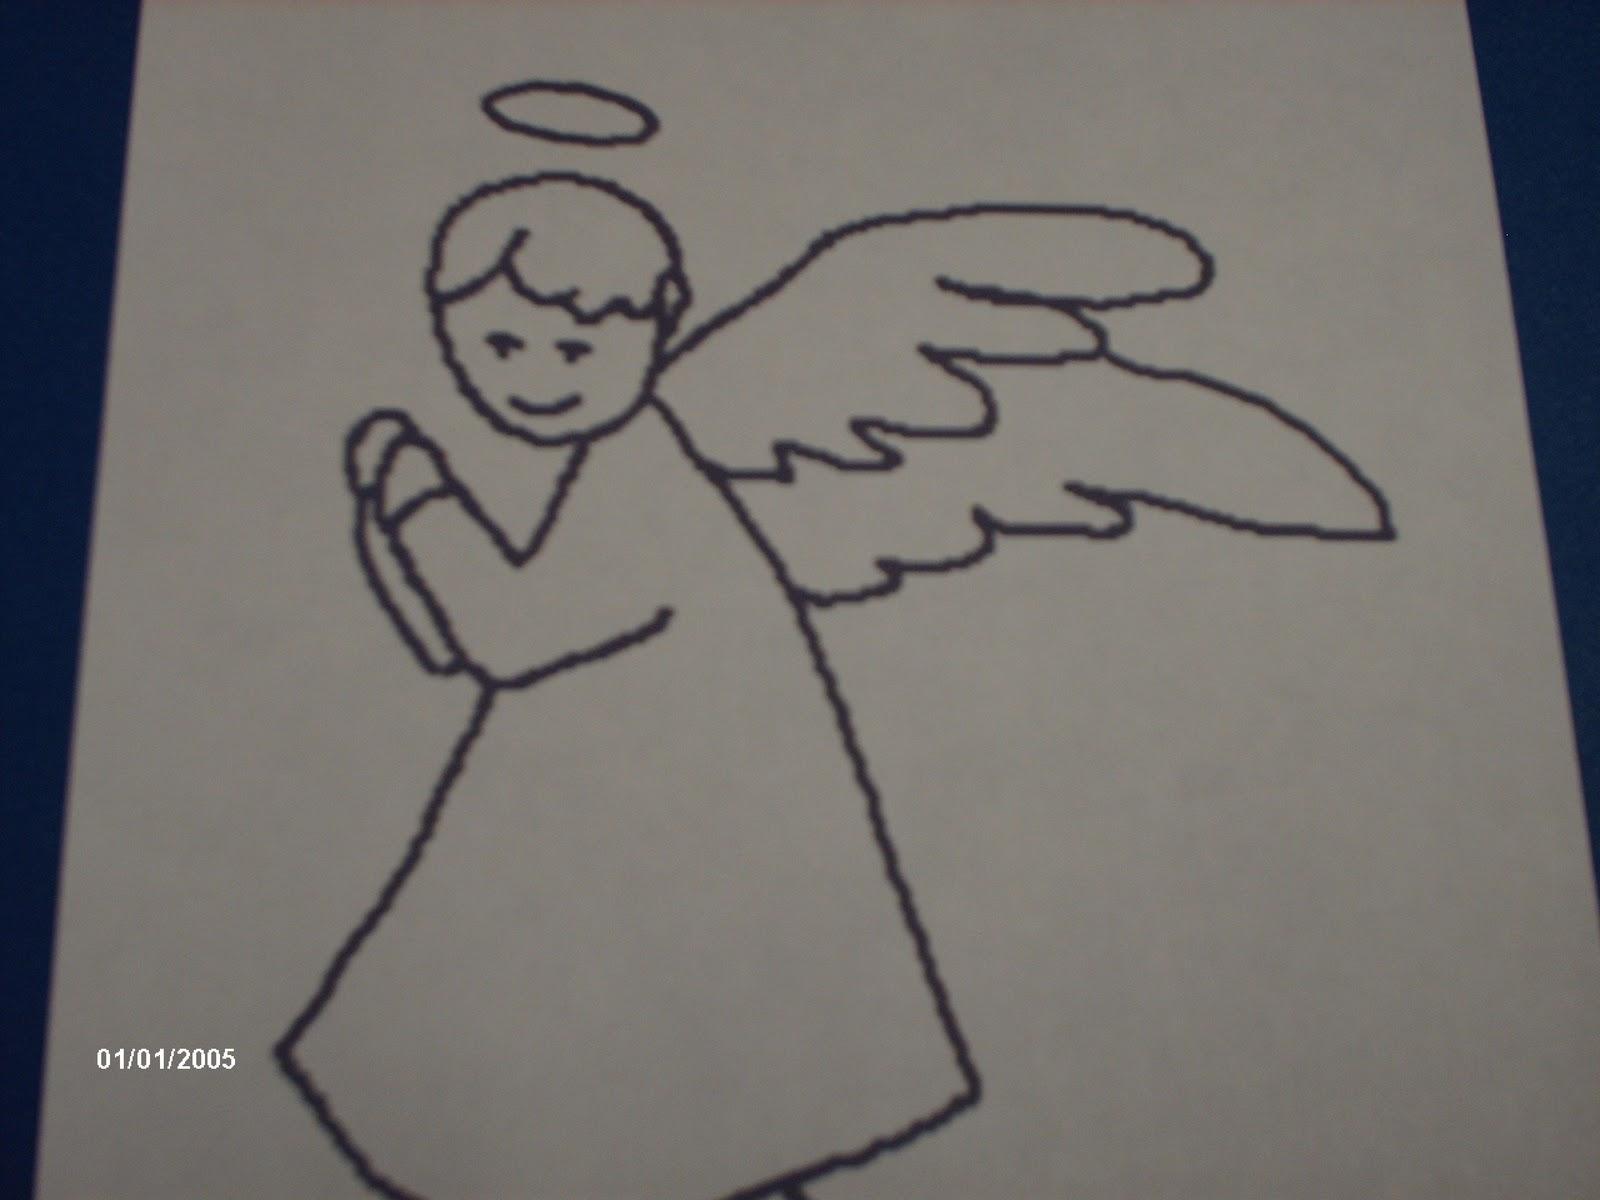 Ngeles De Angel Guide    Aqu   Hay M  S Dibujos De   Ngeles  Nuevo